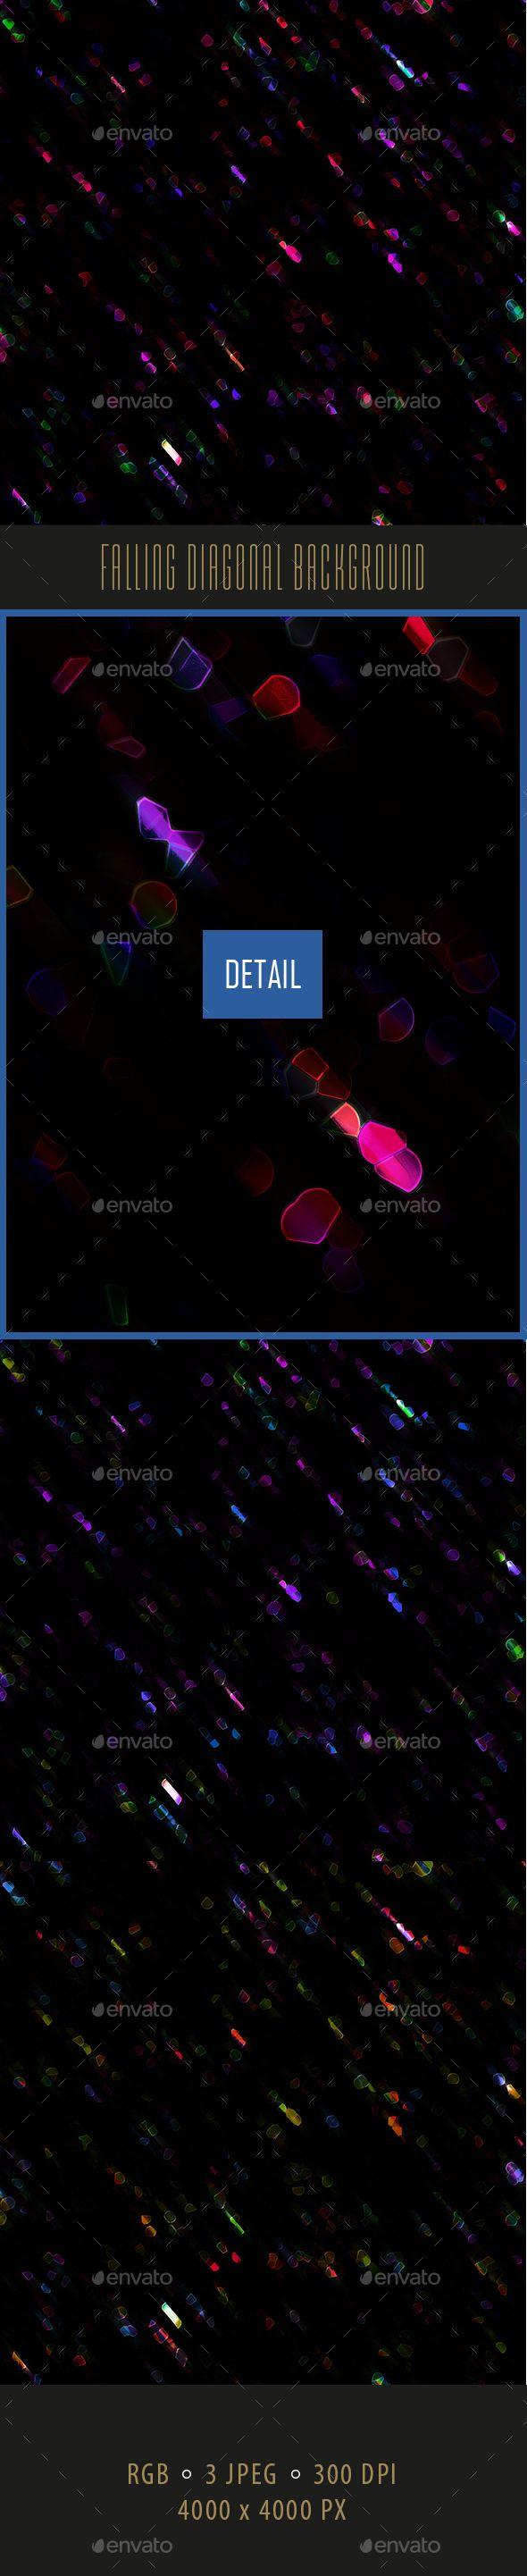 Falling Diagonal Background. Professionally designed background image. #backgrou...